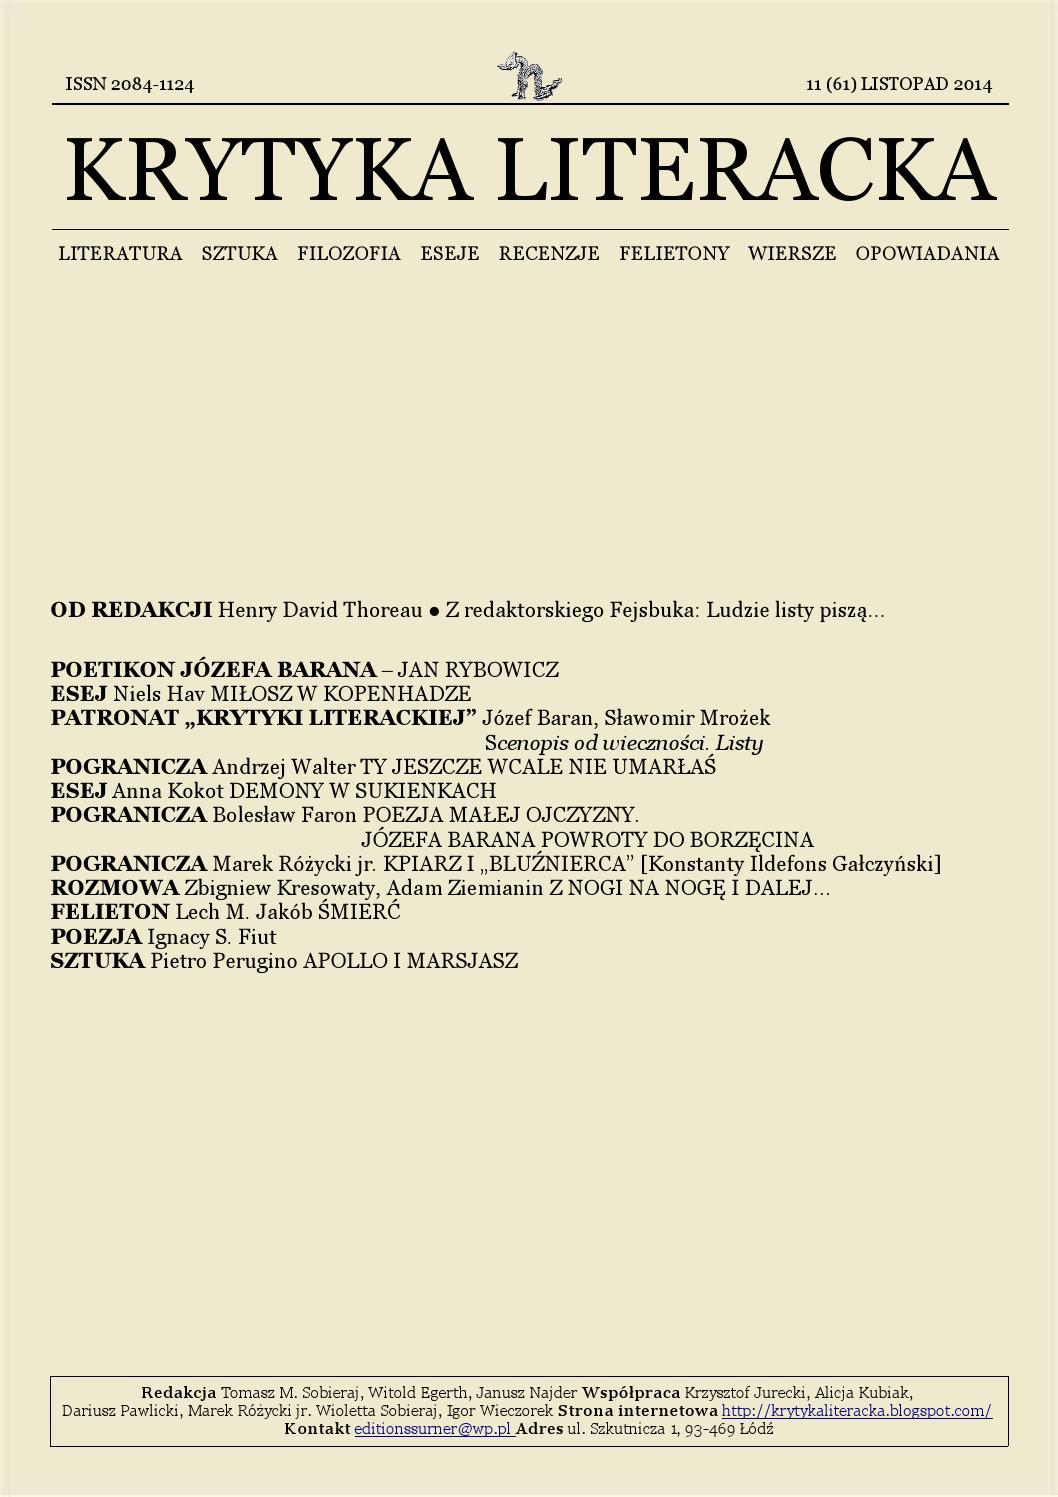 Krytyka Literacka 112014 By Krytyka Literacka Issuu